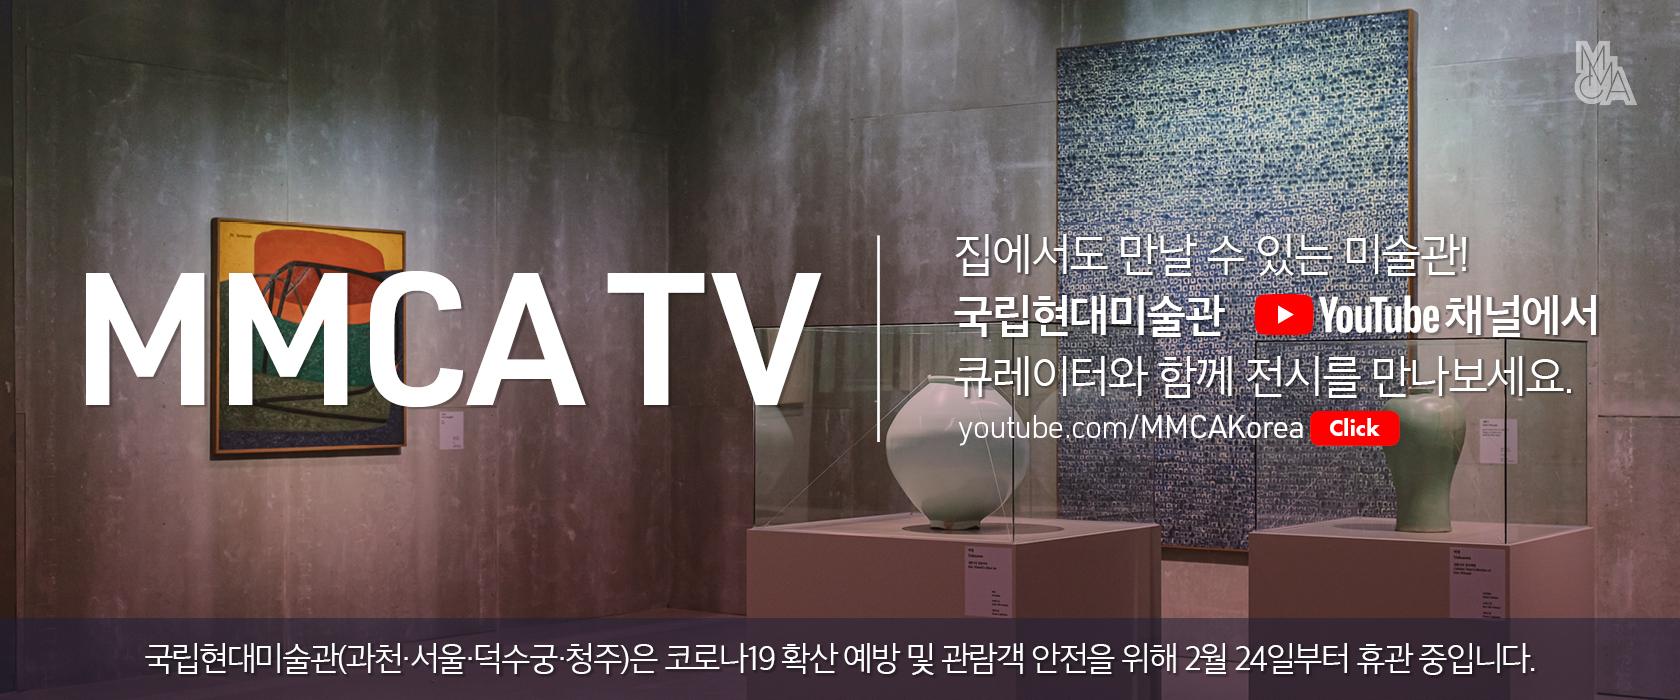 국립현대미술관 유튜브 채널